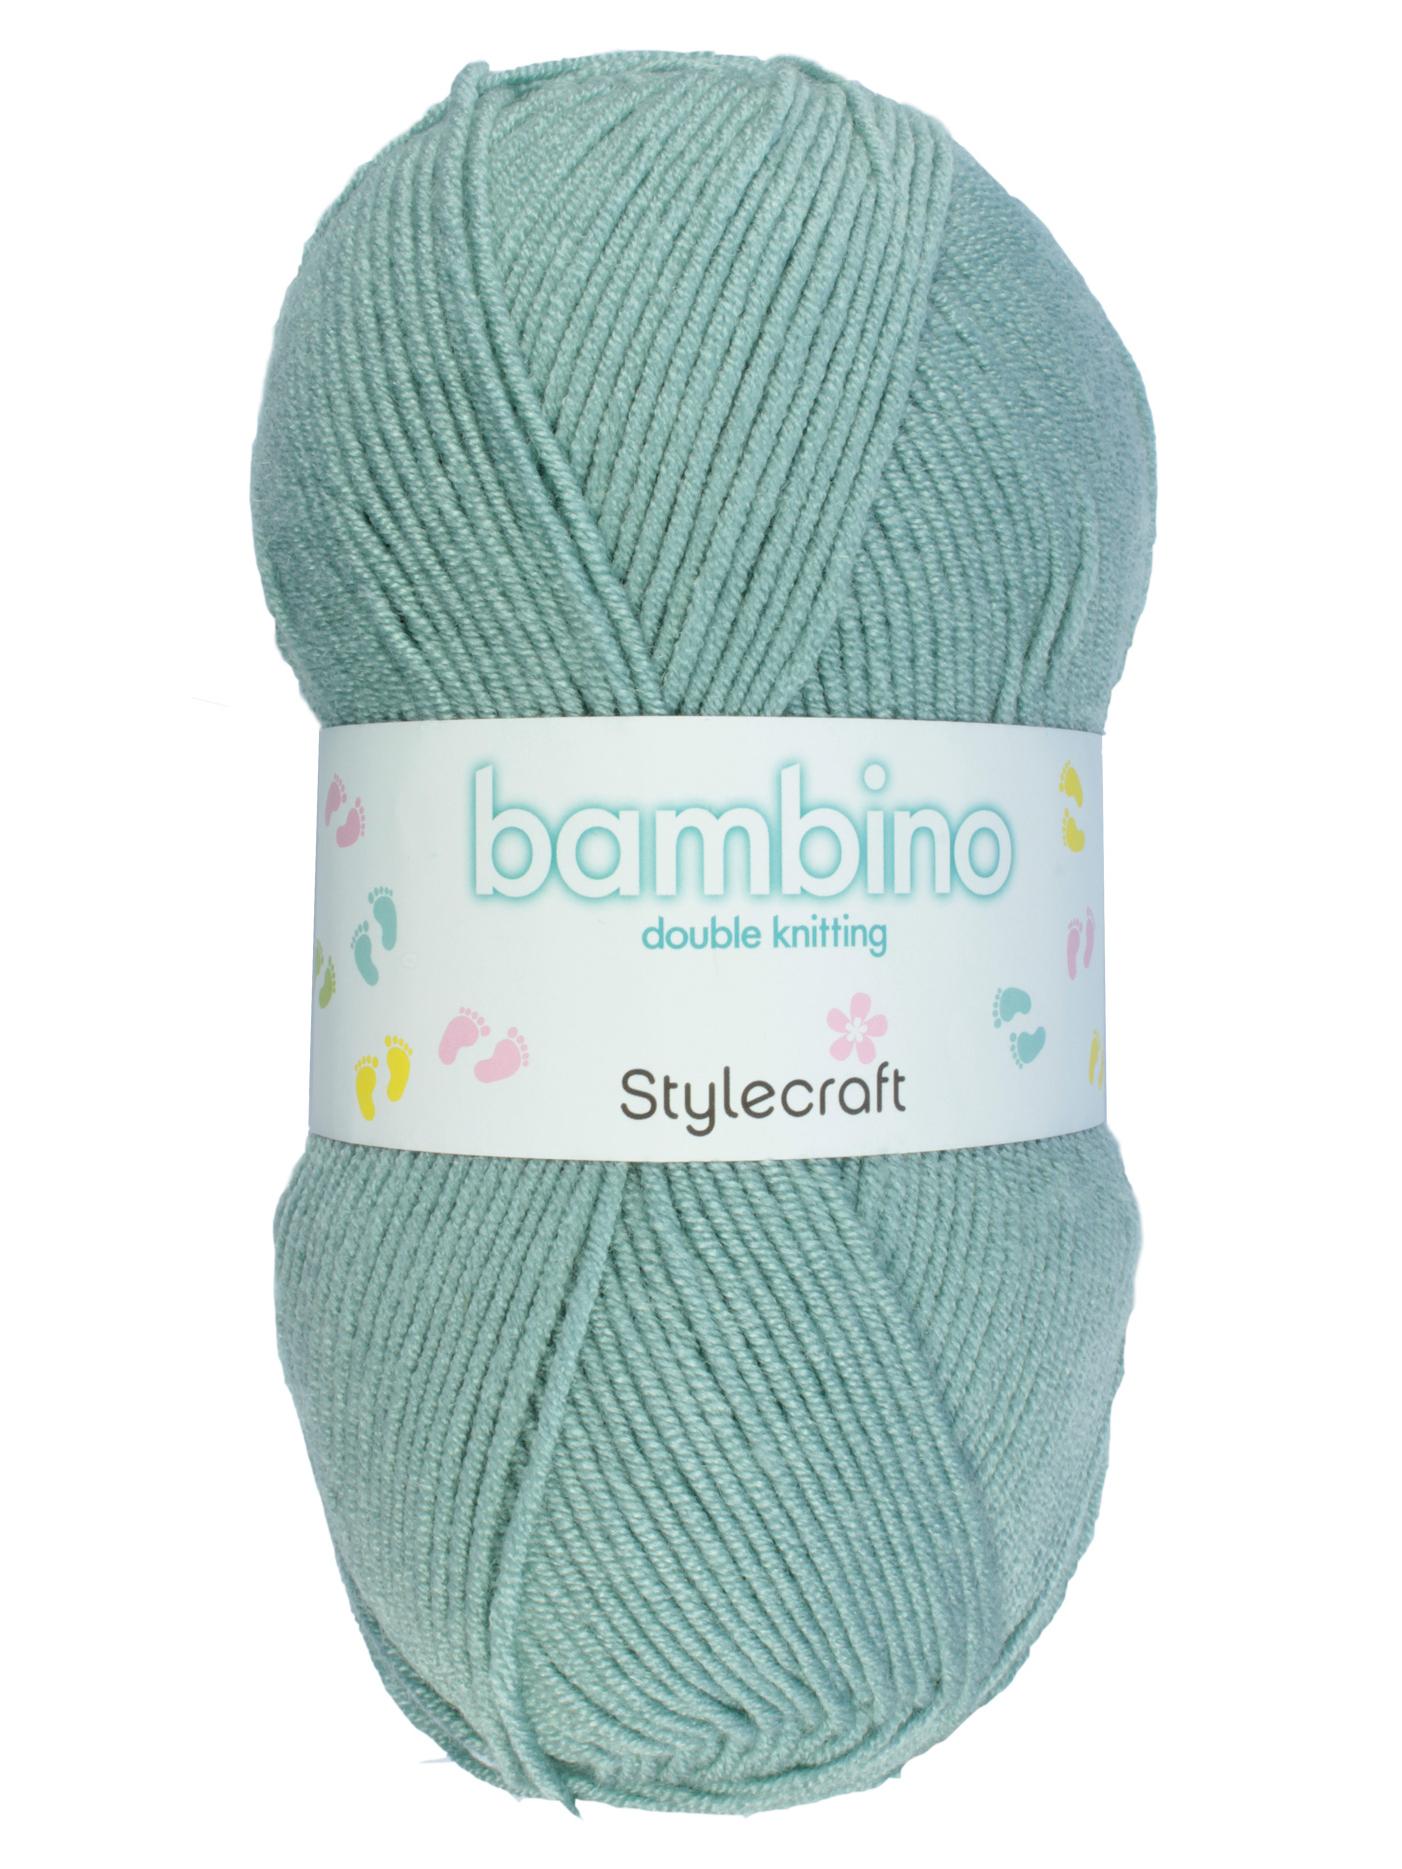 Stylecraft Bambino DK product image